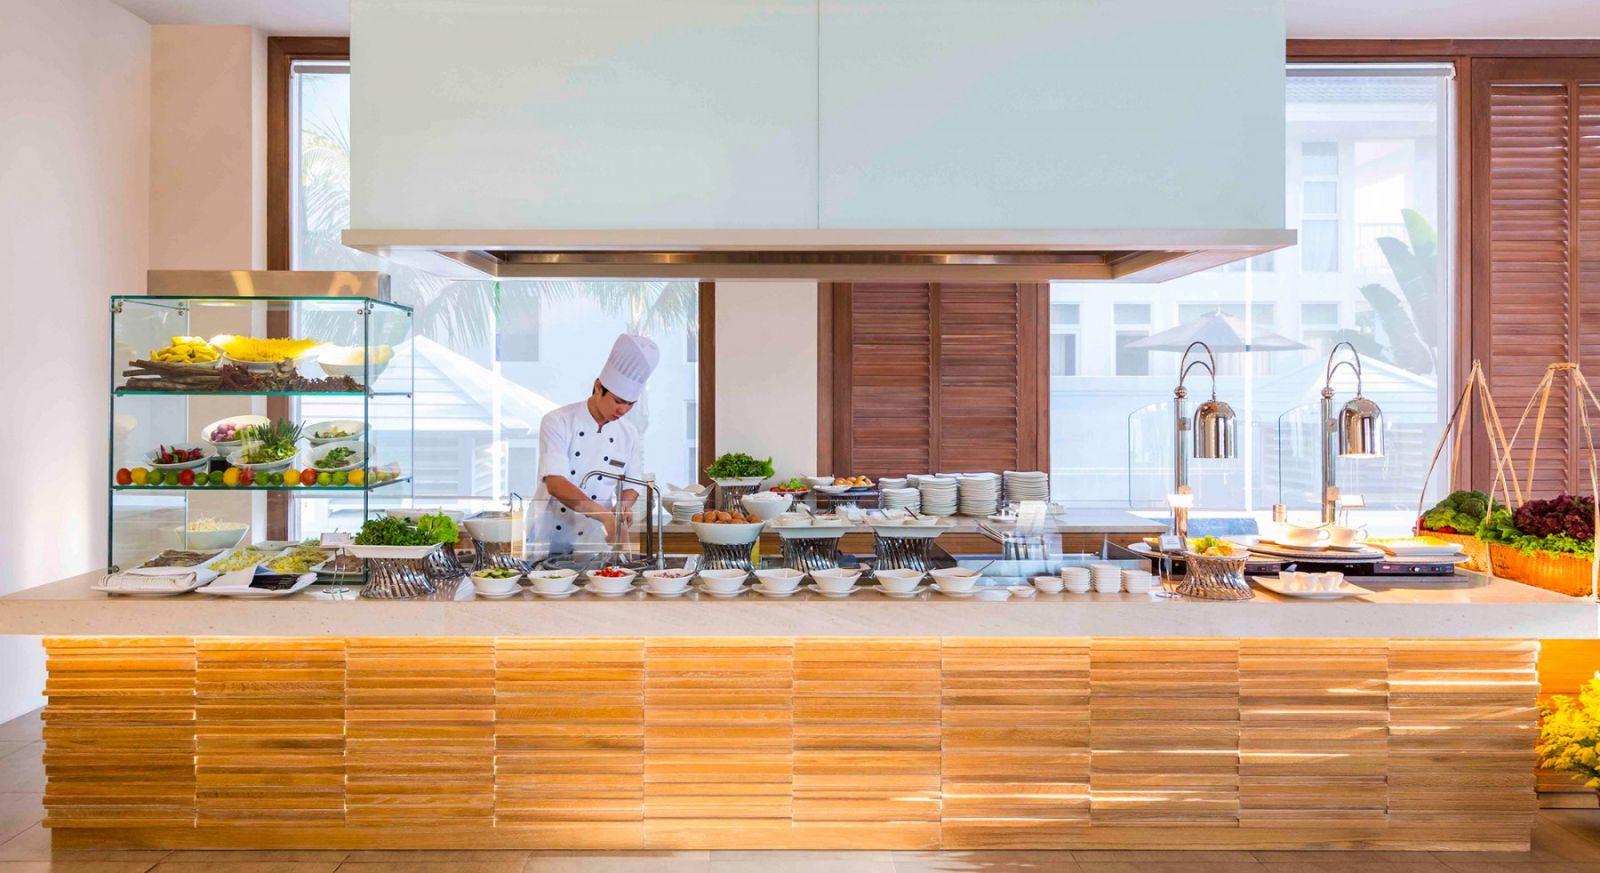 Hương vị ẩm thực mà bạn không thể bỏ qua khi tới Đà Nẵng